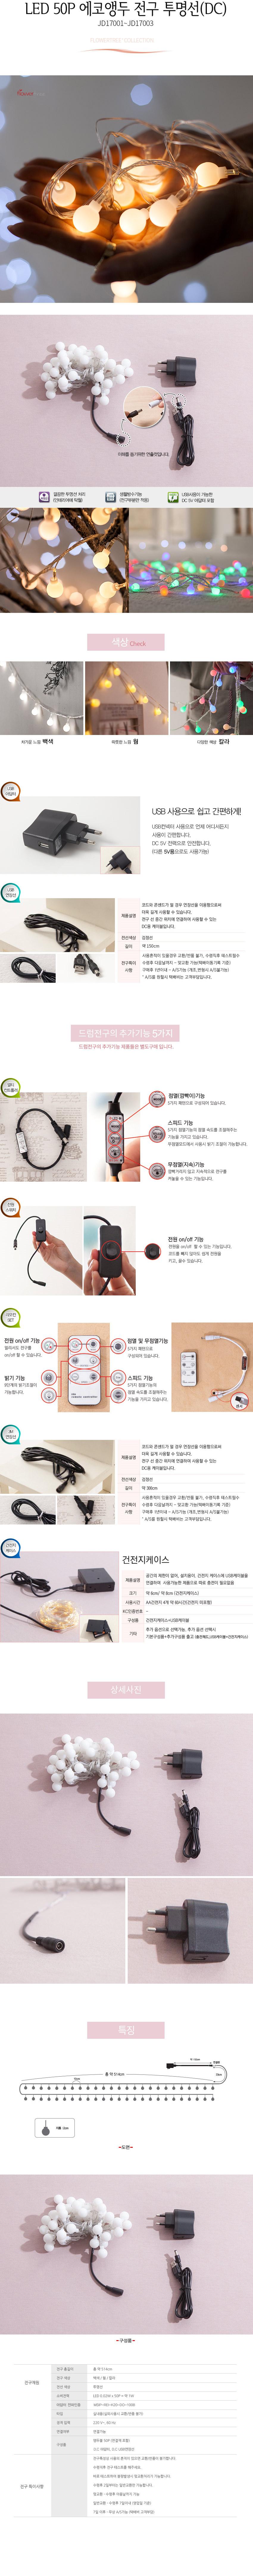 멀티LED 50P 에코앵두 전구 투명선(USB+콘센트형) [트리] - 플라워트리, 12,600원, 조명, 트리조명